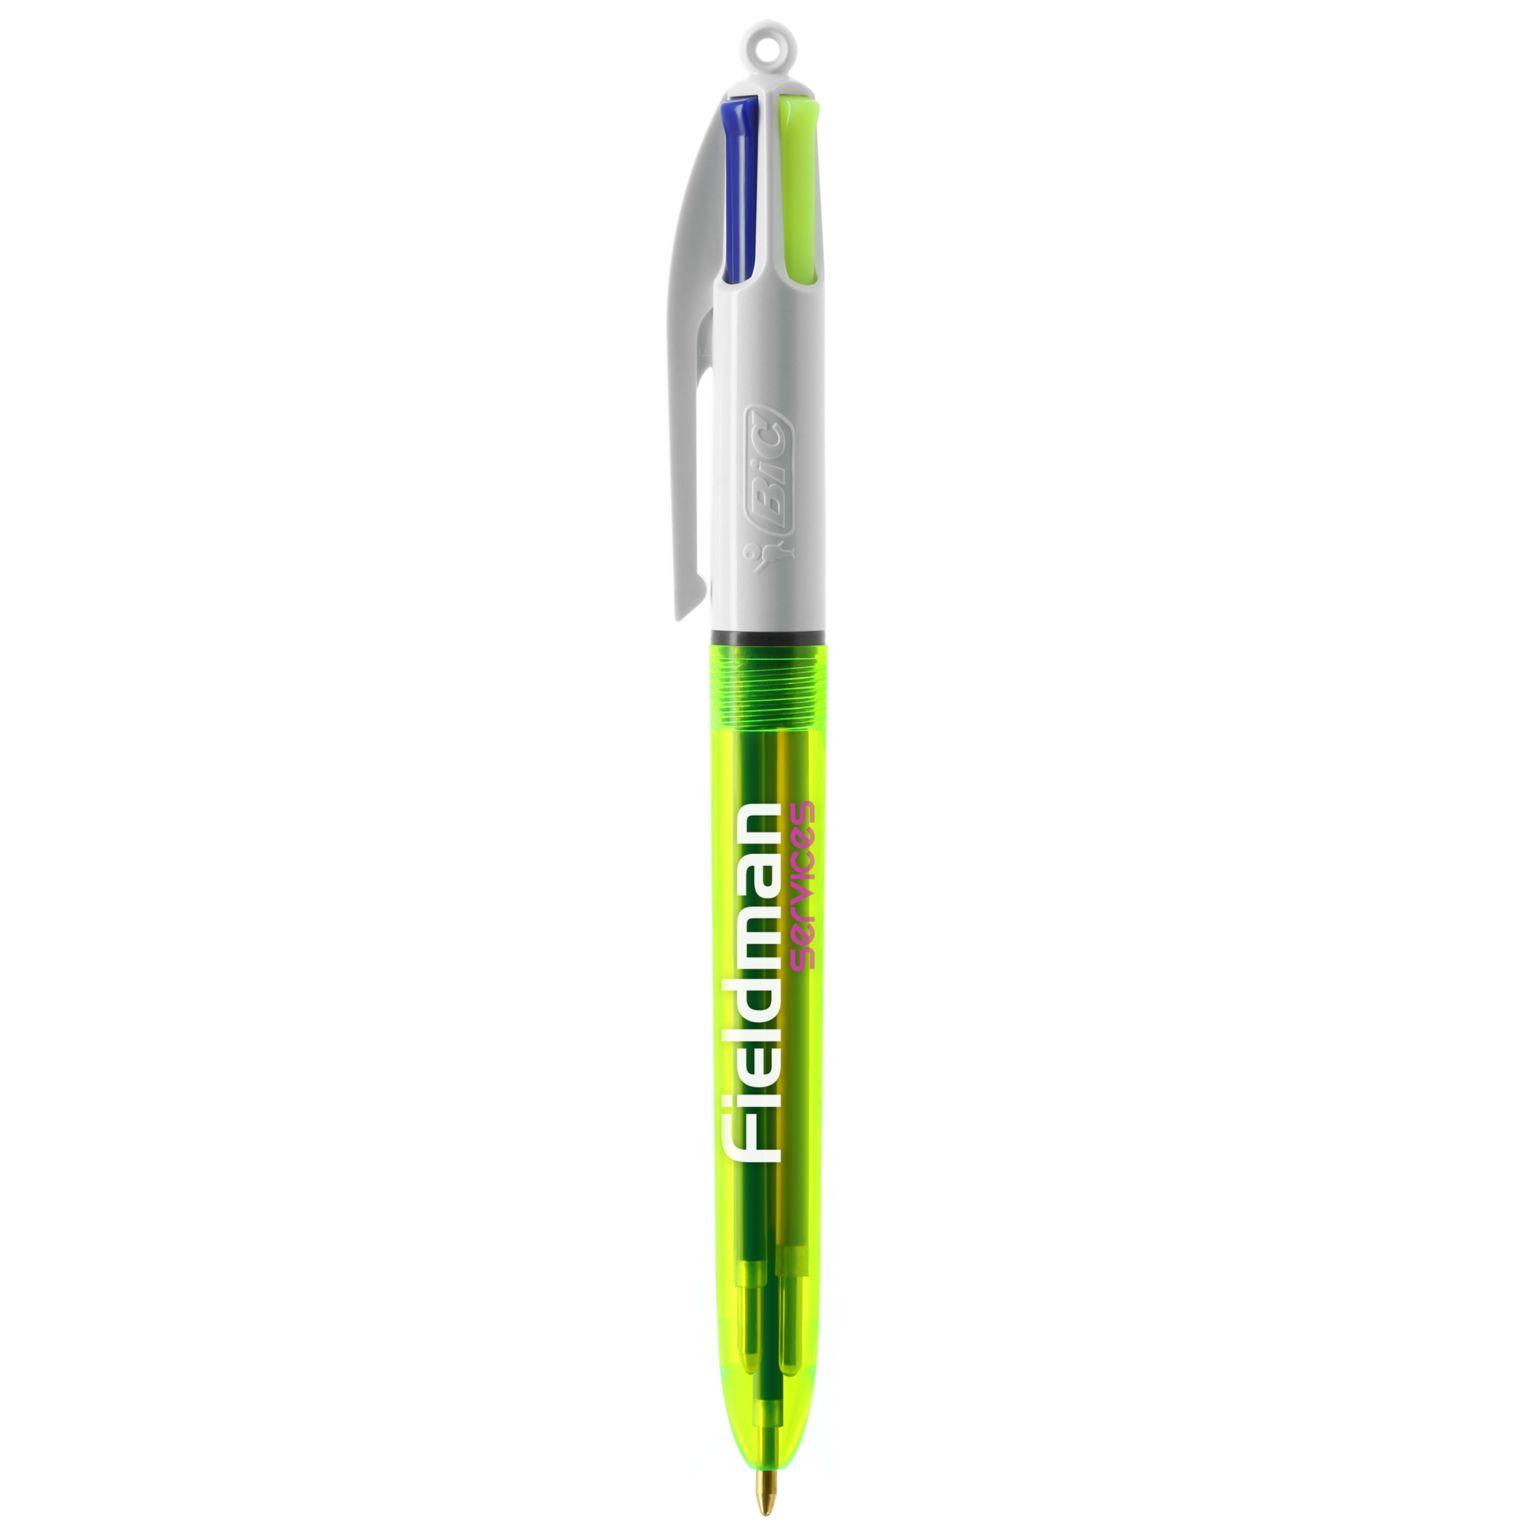 BIC® 4 Colours Fluo Bille + lanyard - ISOCOM - OBJETS ET TEXTILES PERSONNALISES - NANTES